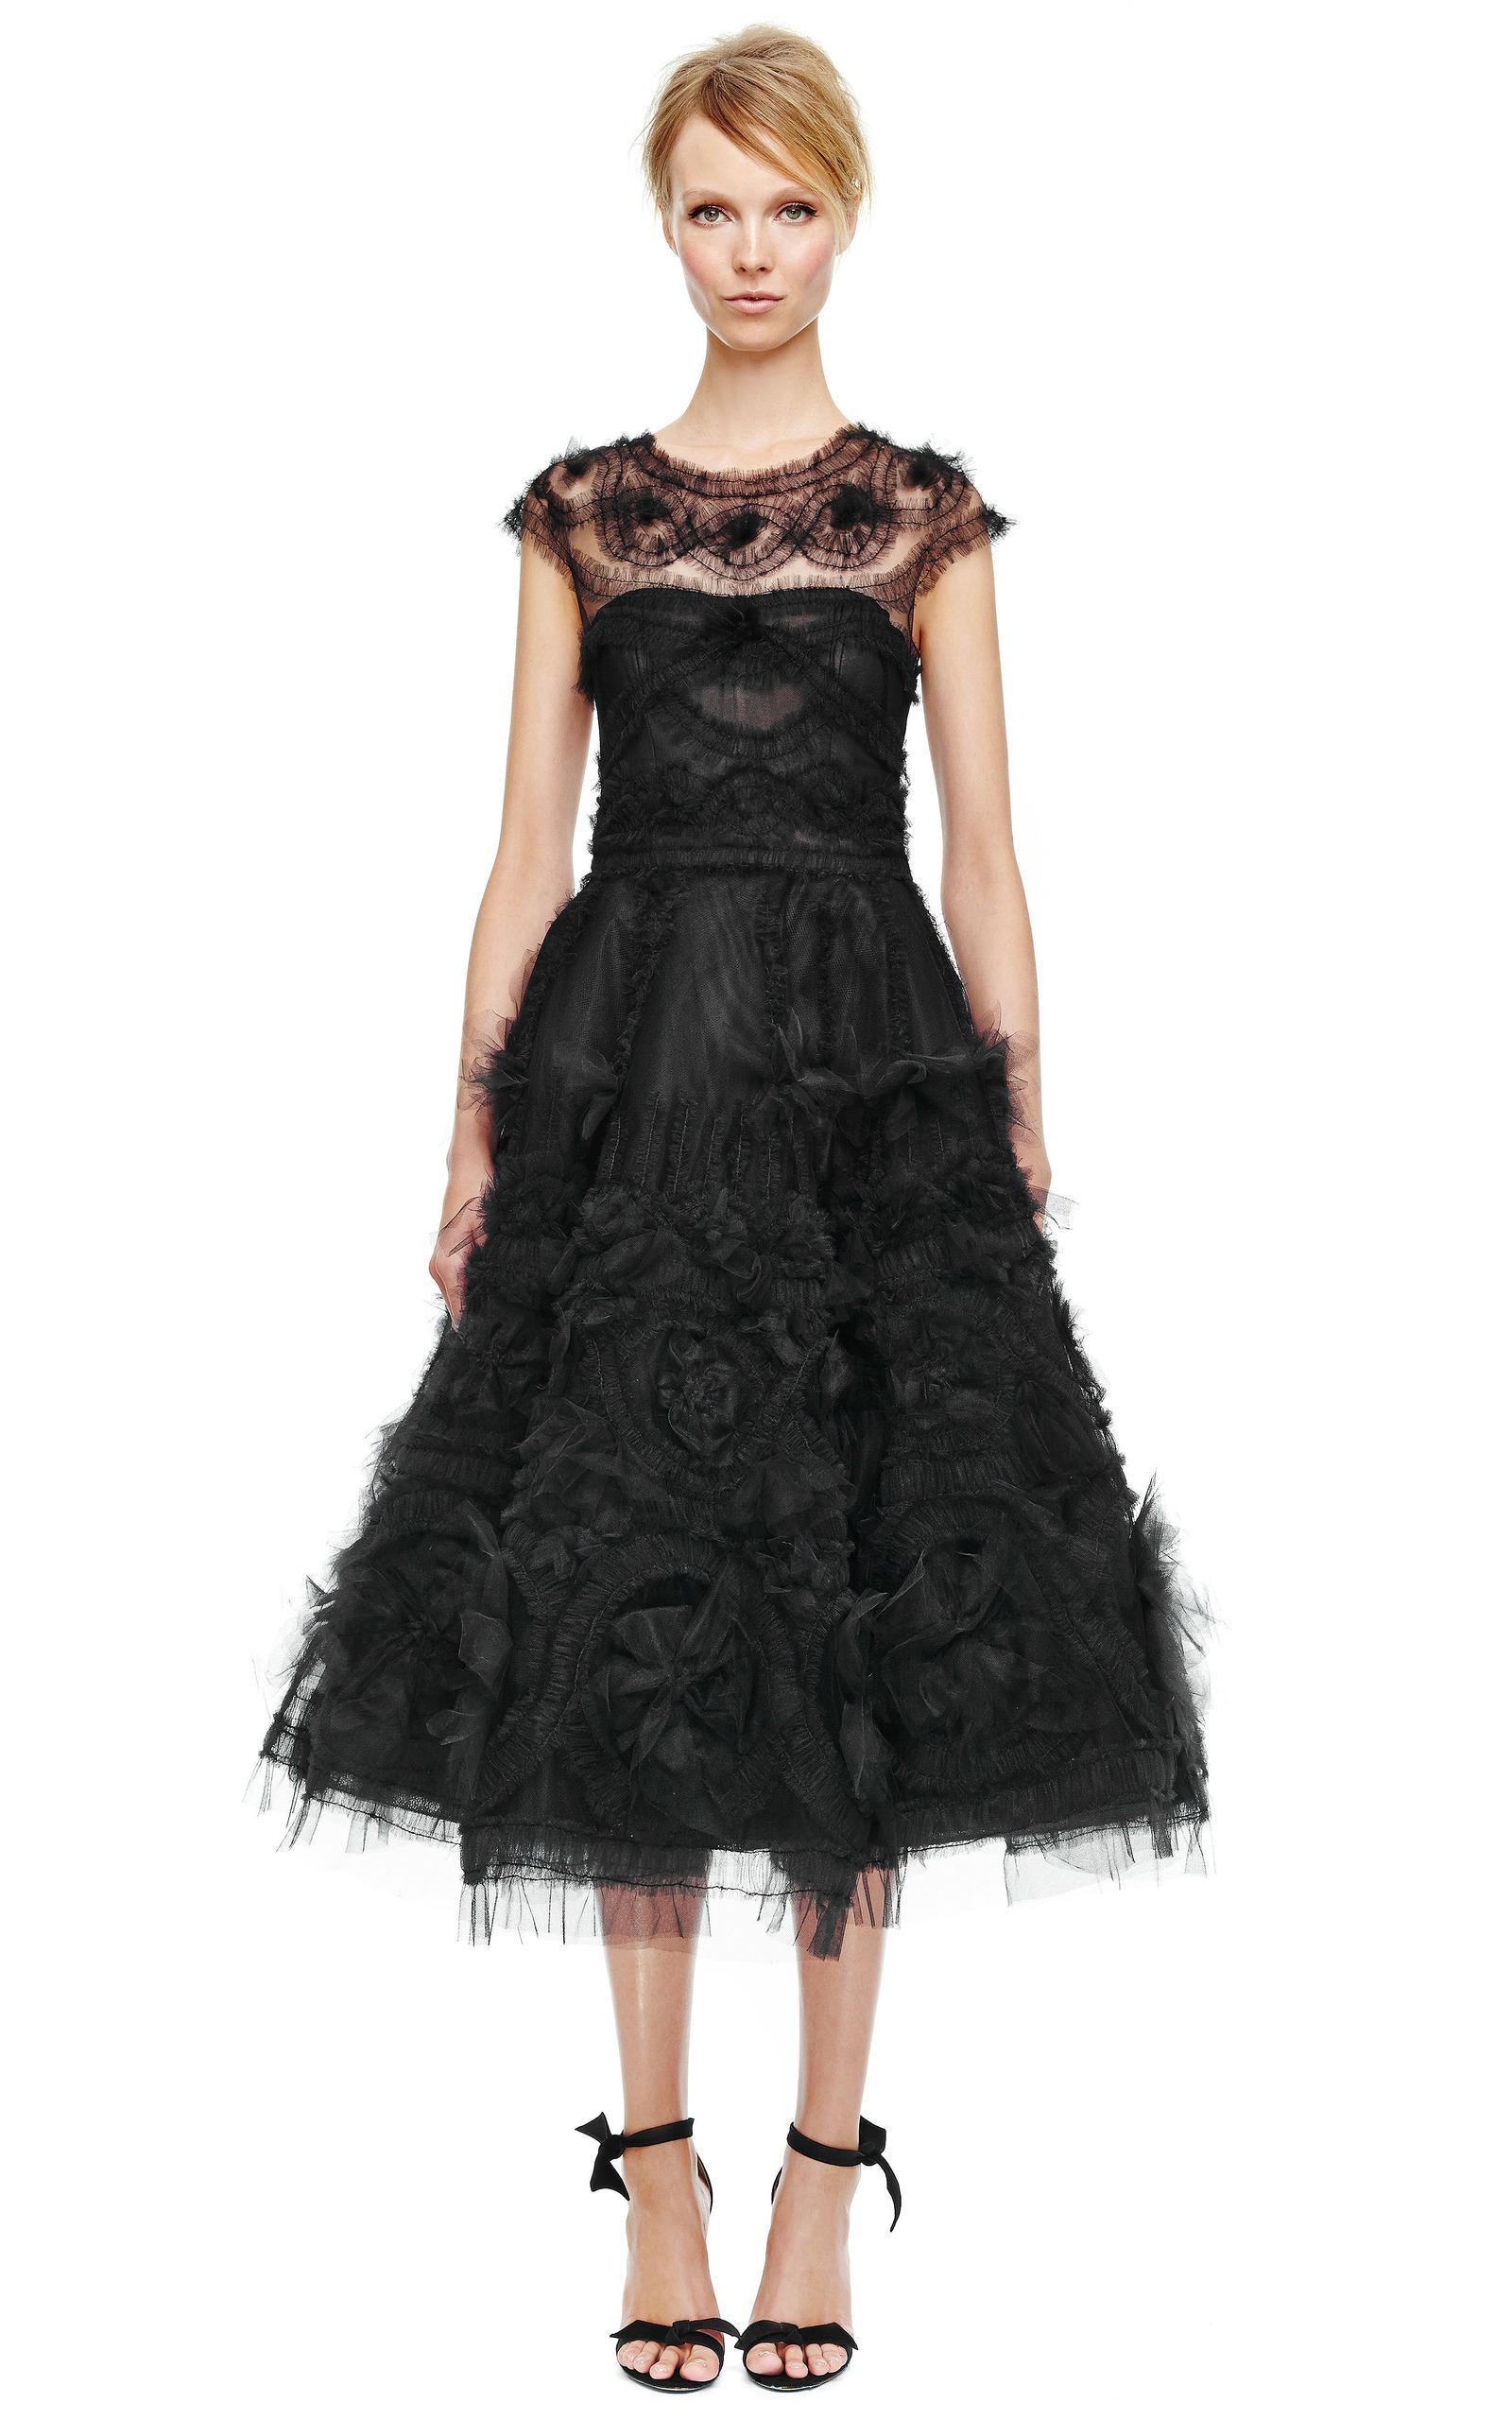 Full Skirt Cocktail Dresses 85